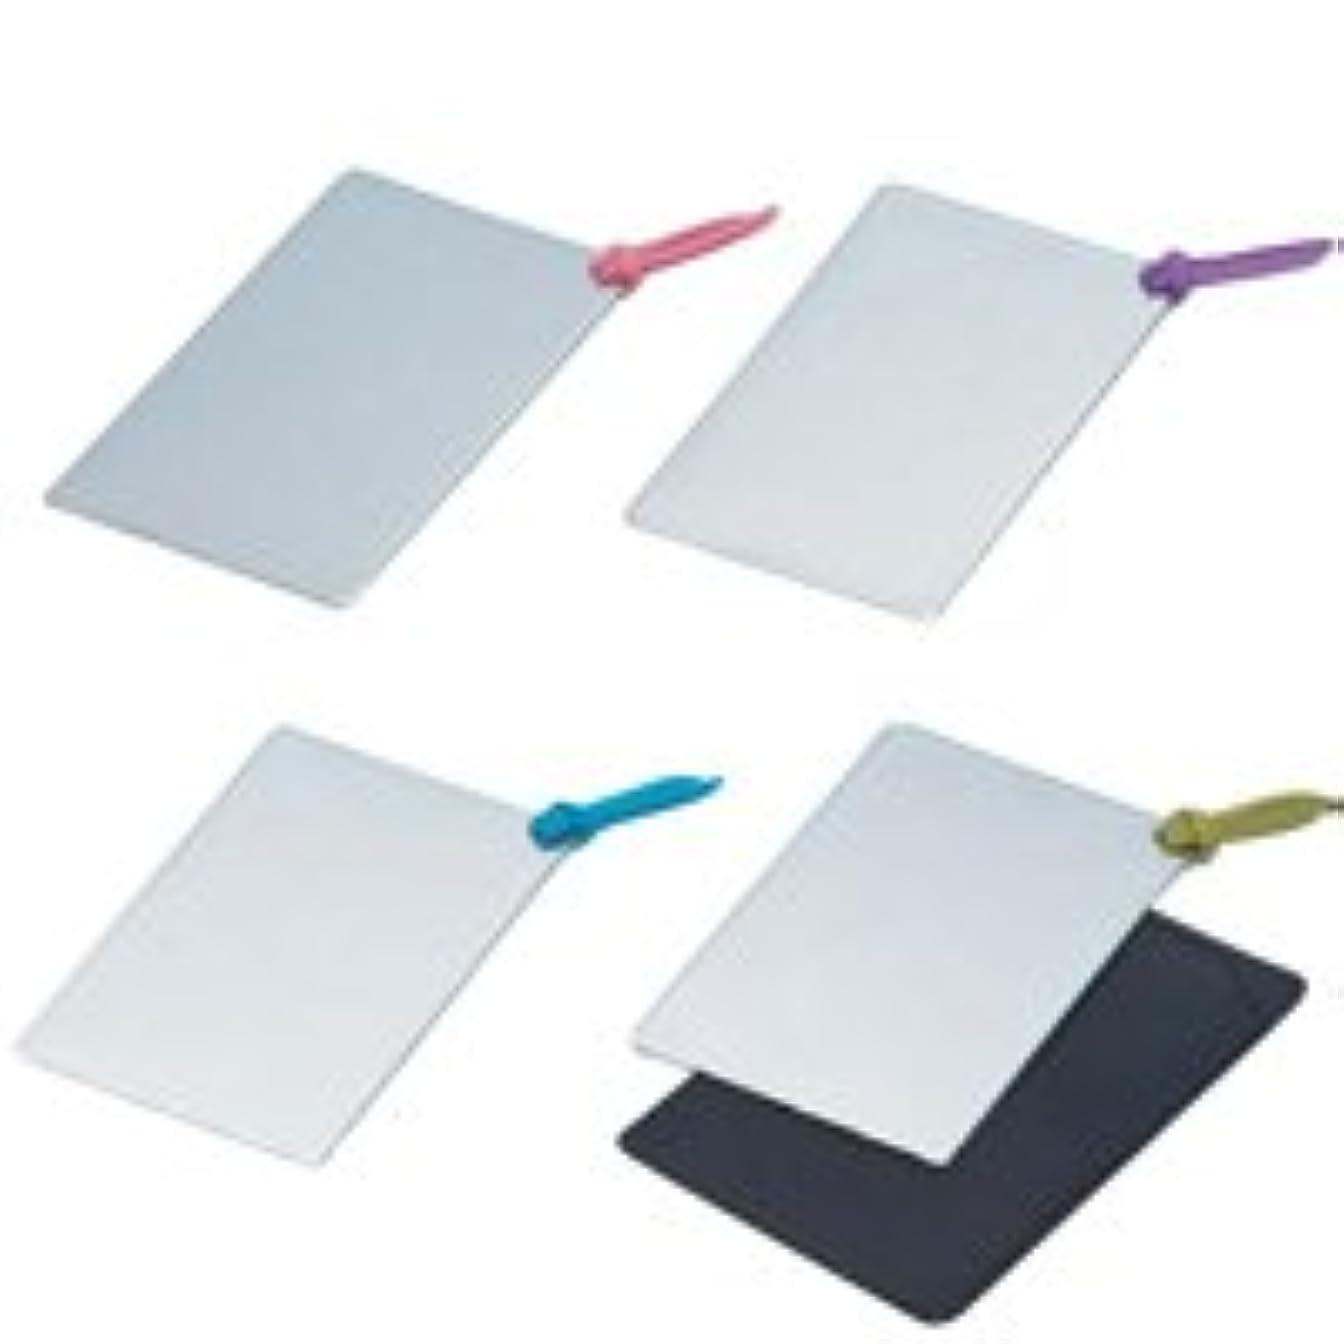 摩擦心配液体ステンレス カードミラー 角型 安全 割れない 鏡 [ミラー] SC-01 堀内鏡工業【※このページは「ブルー」のみの販売です】ブルー